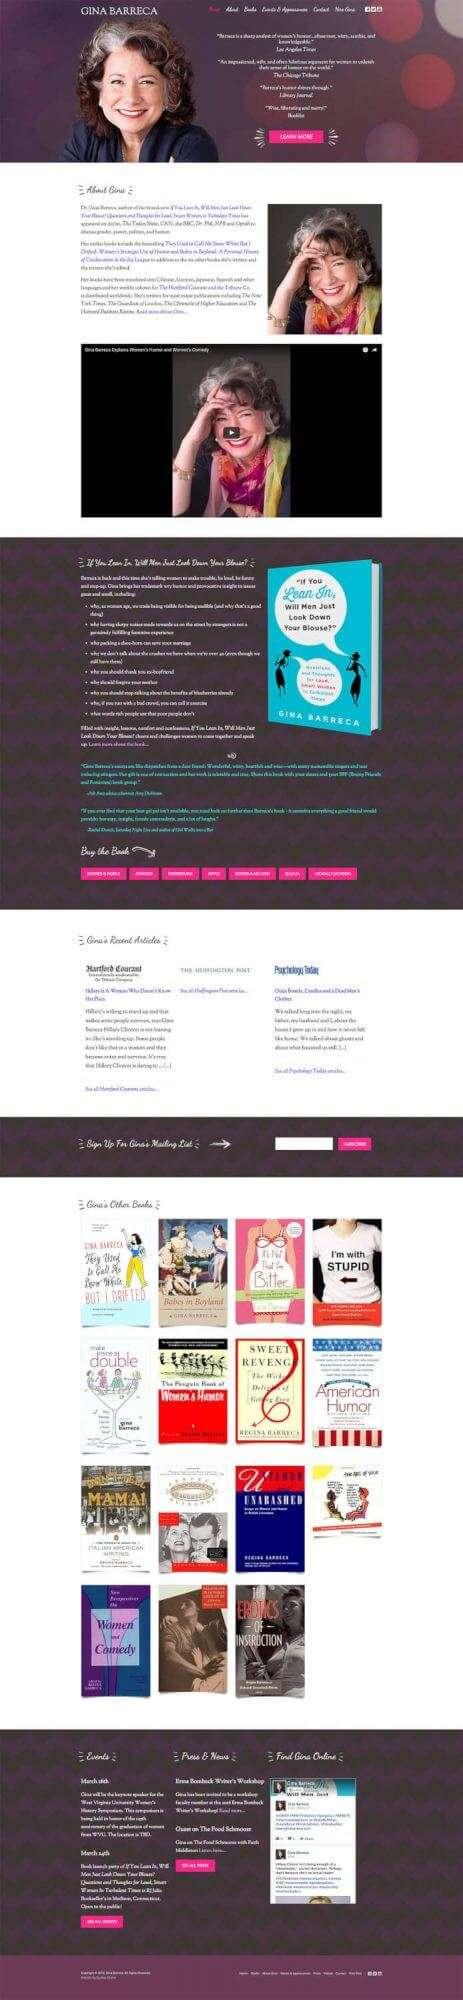 Gina Barreca Author Website Design